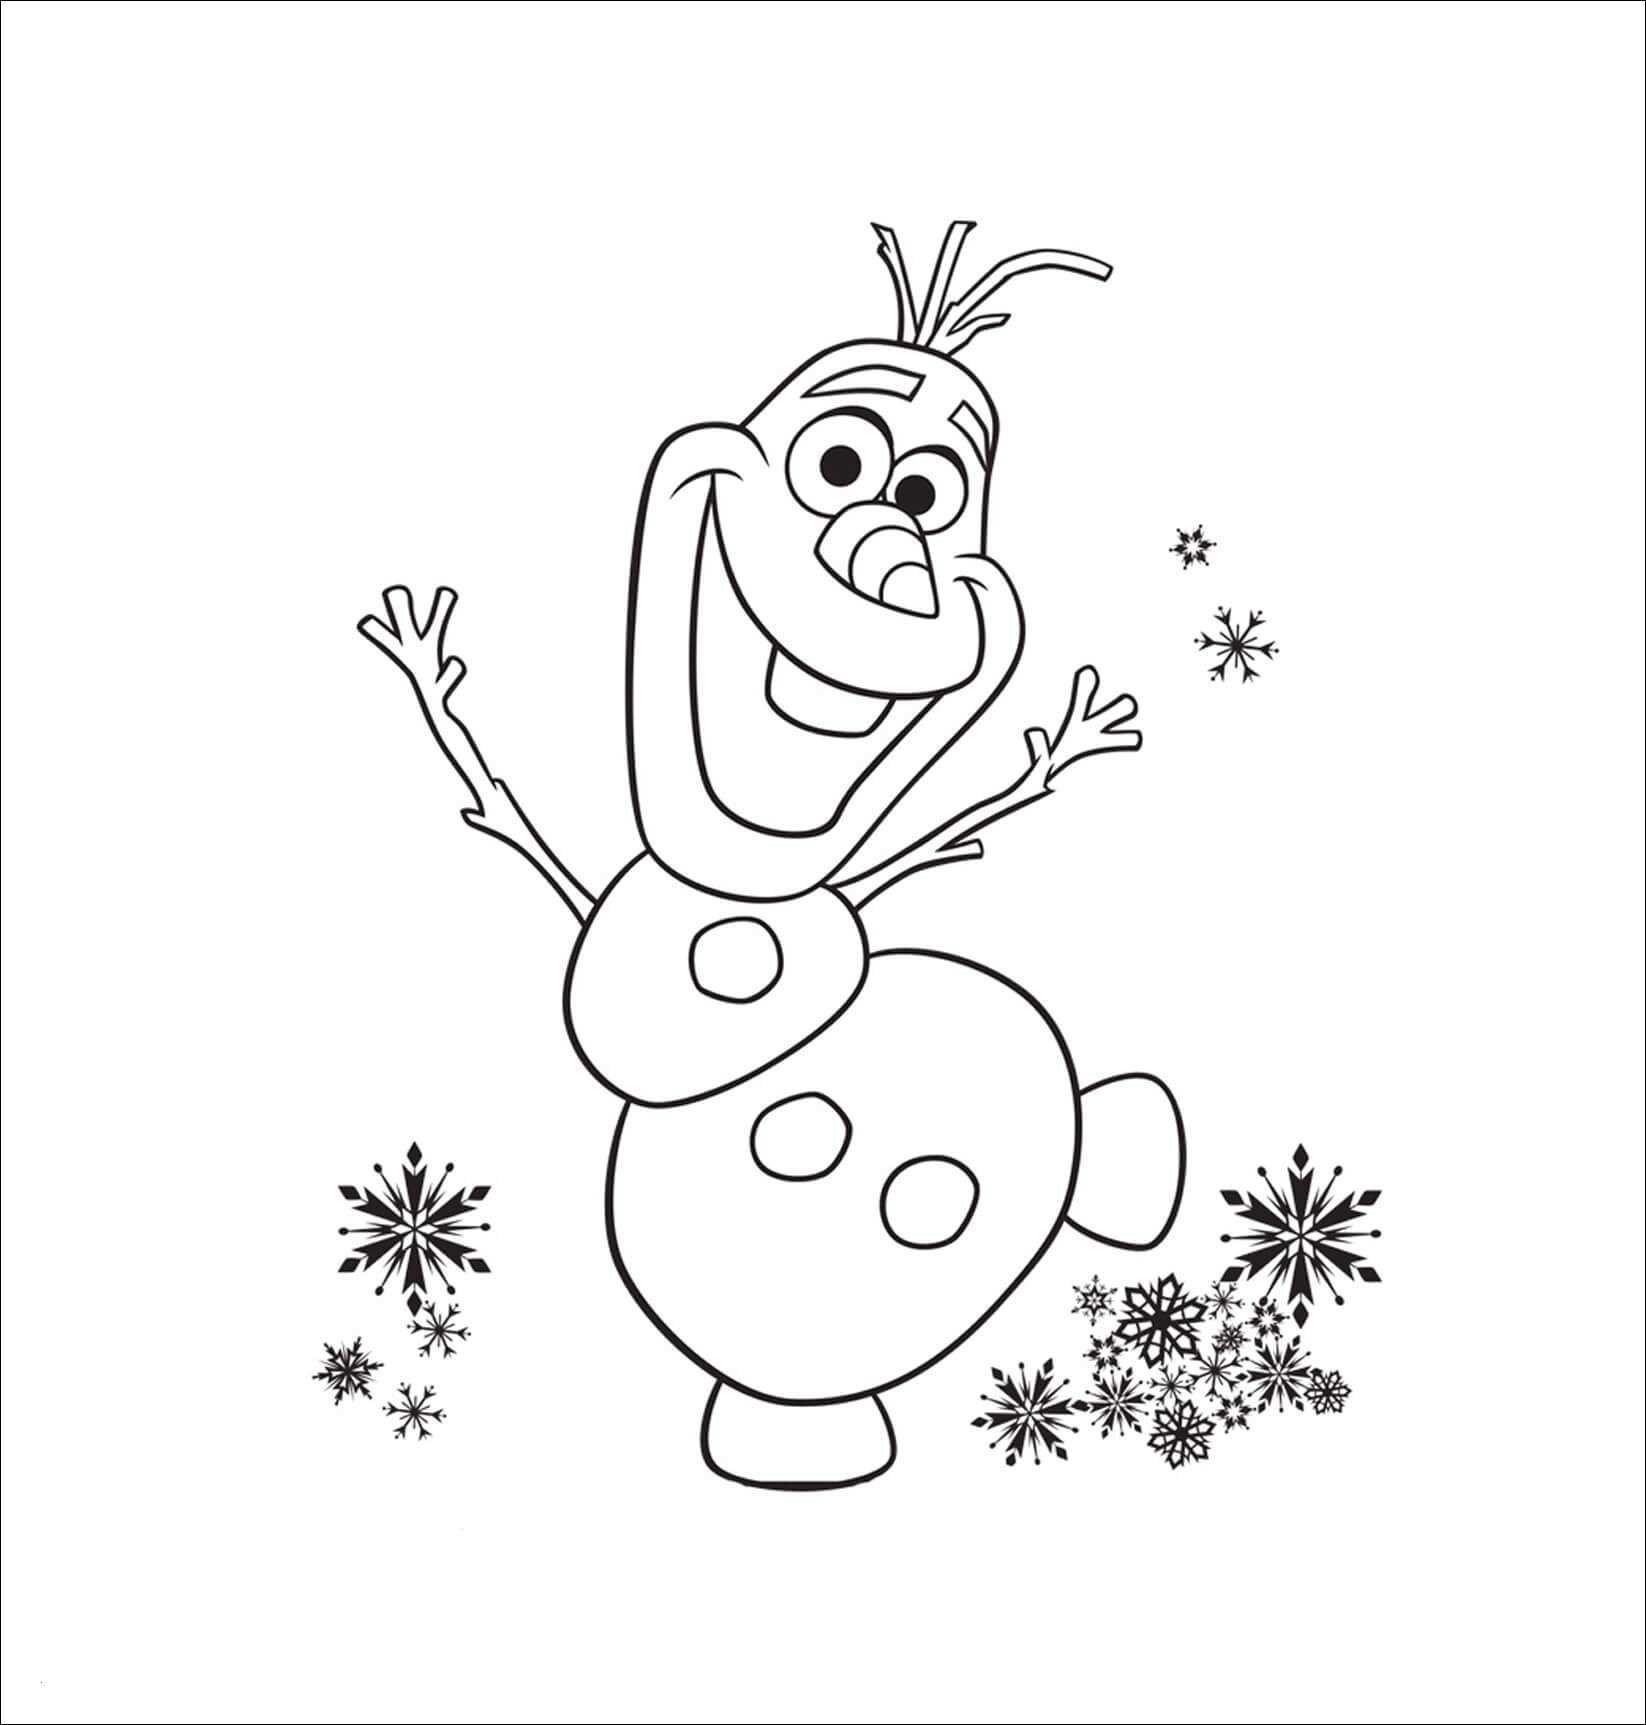 Malvorlage Anna Und Elsa Einzigartig Elsa Und Anna Malvorlagen 40 Frozen Ausmalbilder Olaf Sammlung